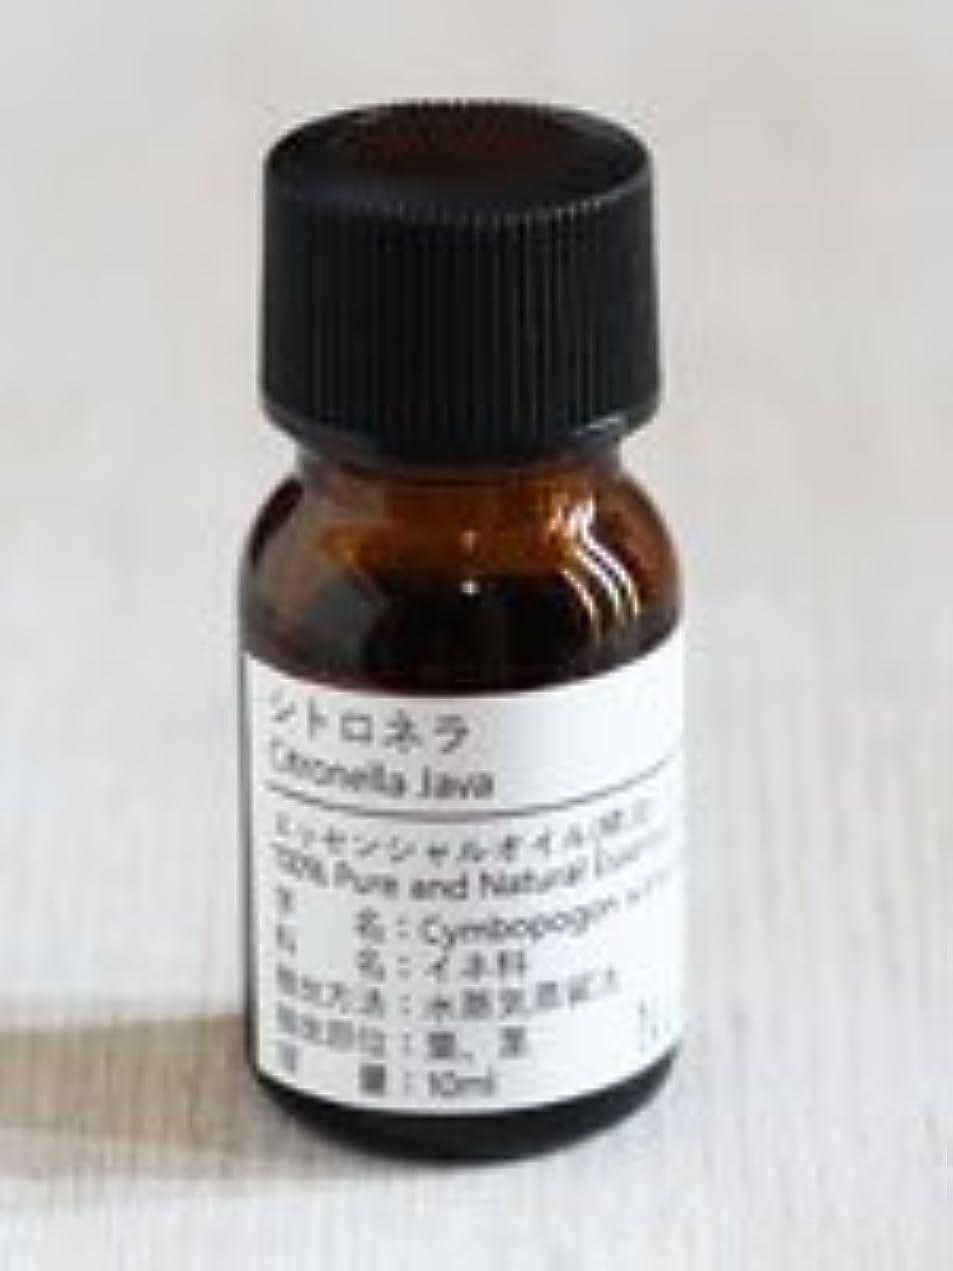 始めるレギュラー人事Natural蒼 シトロネラ/エッセンシャルオイル 精油天然100% (10ml)